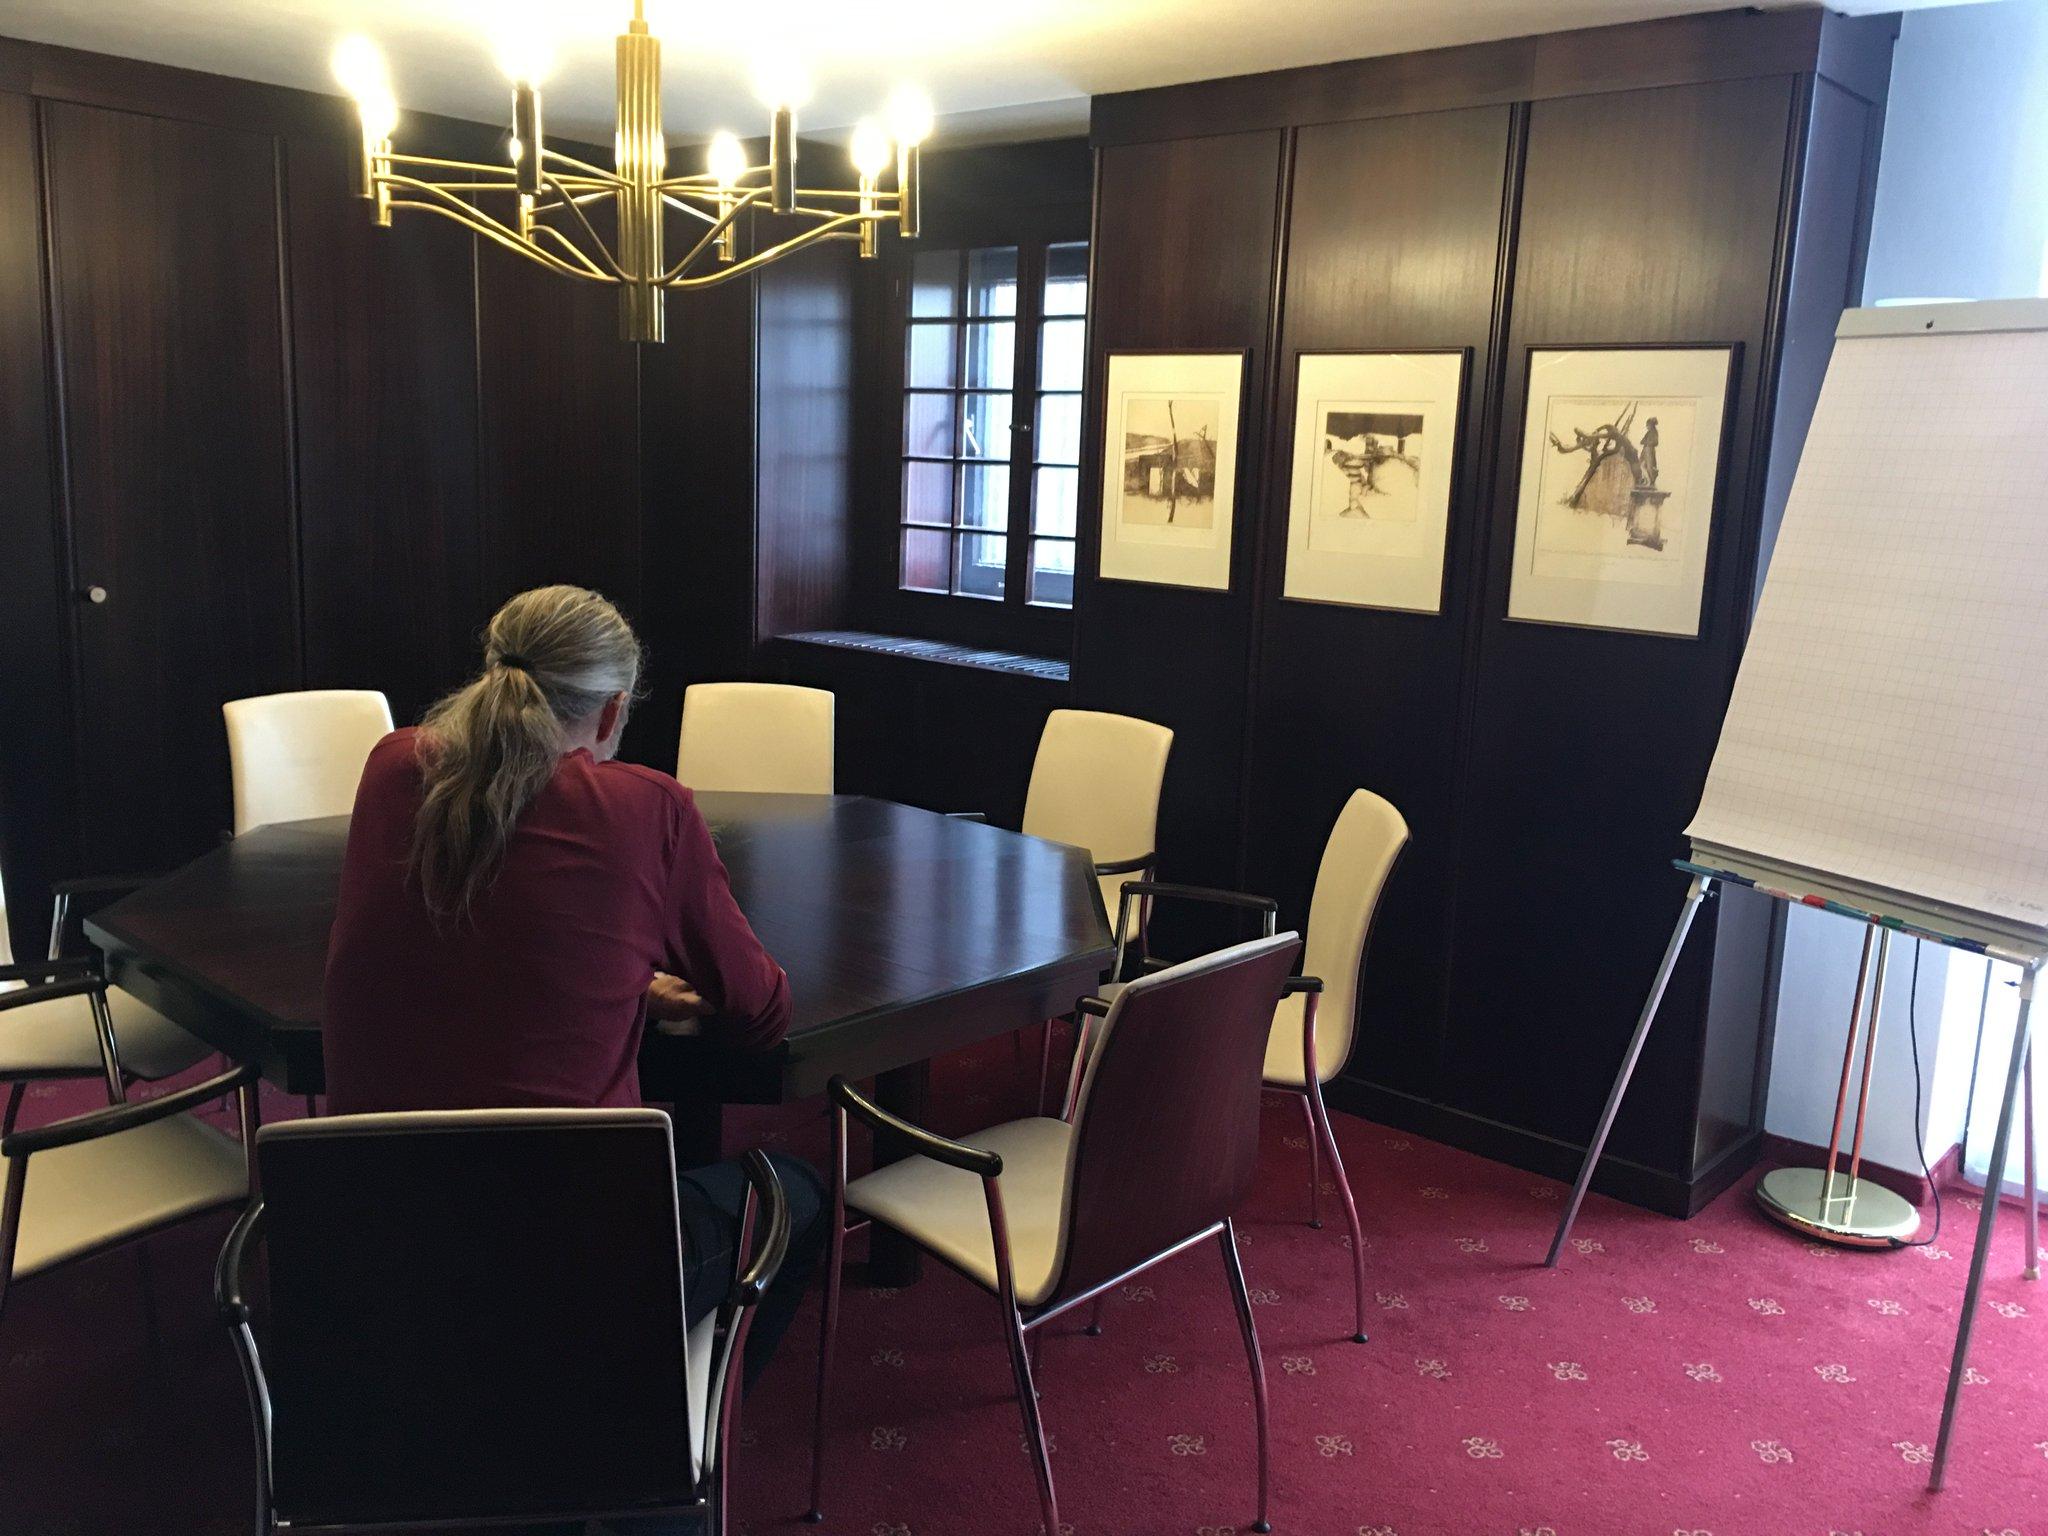 Wir haben einen eigenen Arbeitsraum… #berghotel_bastei #saechsischeschweiz #meurers hier gibt's nämlich WLAN https://t.co/xTnWjSm4N2